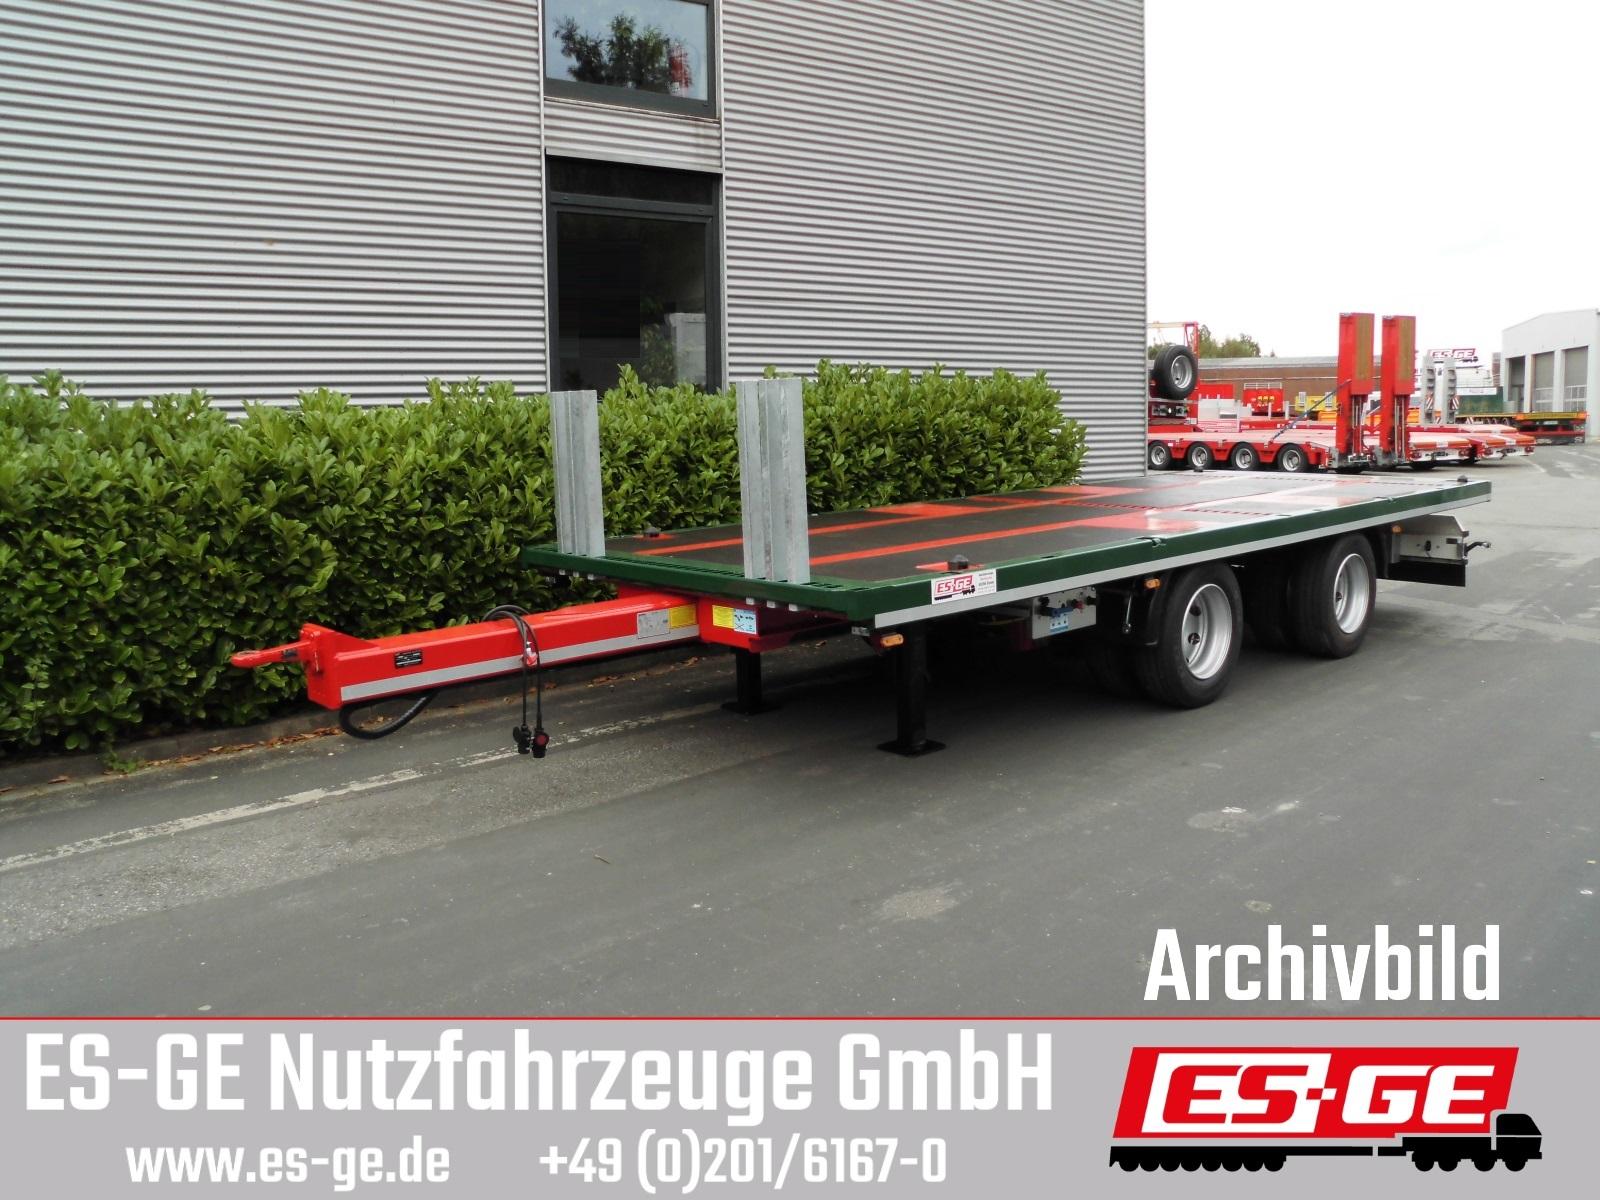 ES-GE ES-GE Tandemanhänger - Containerverriegelungen